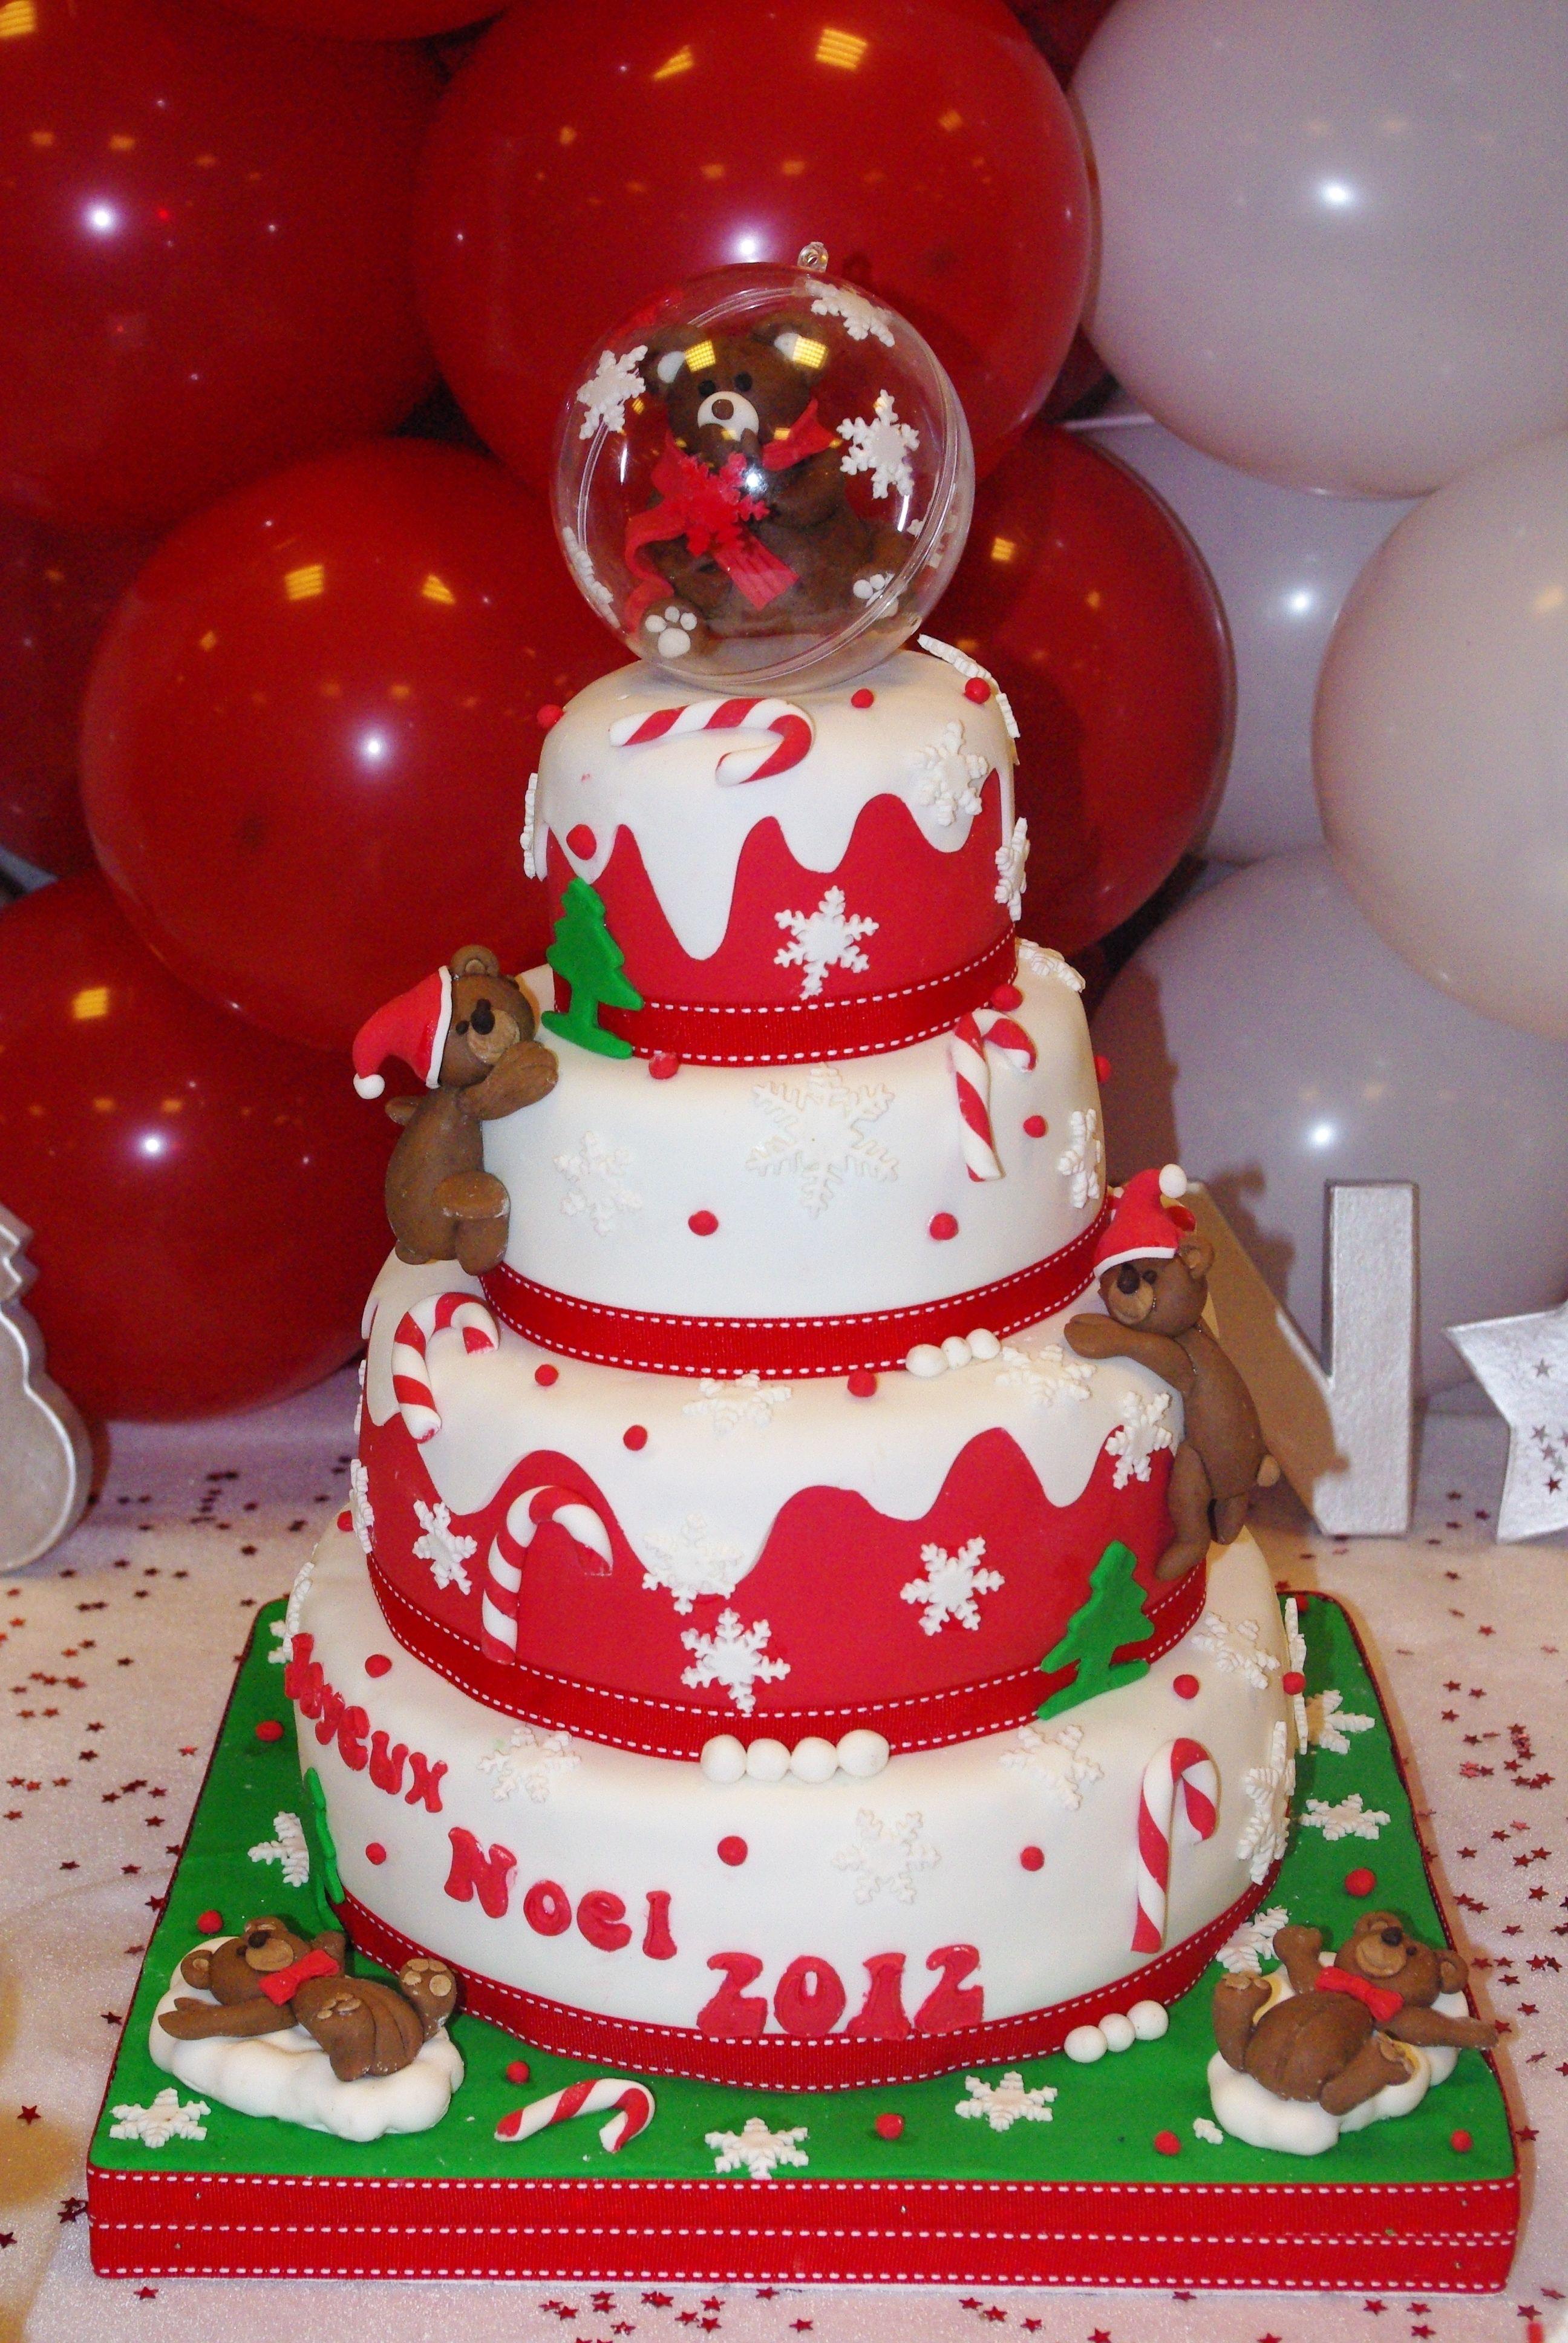 gateau noel recherche google g teau de no l en 2018 pinterest cake christmas et desserts. Black Bedroom Furniture Sets. Home Design Ideas